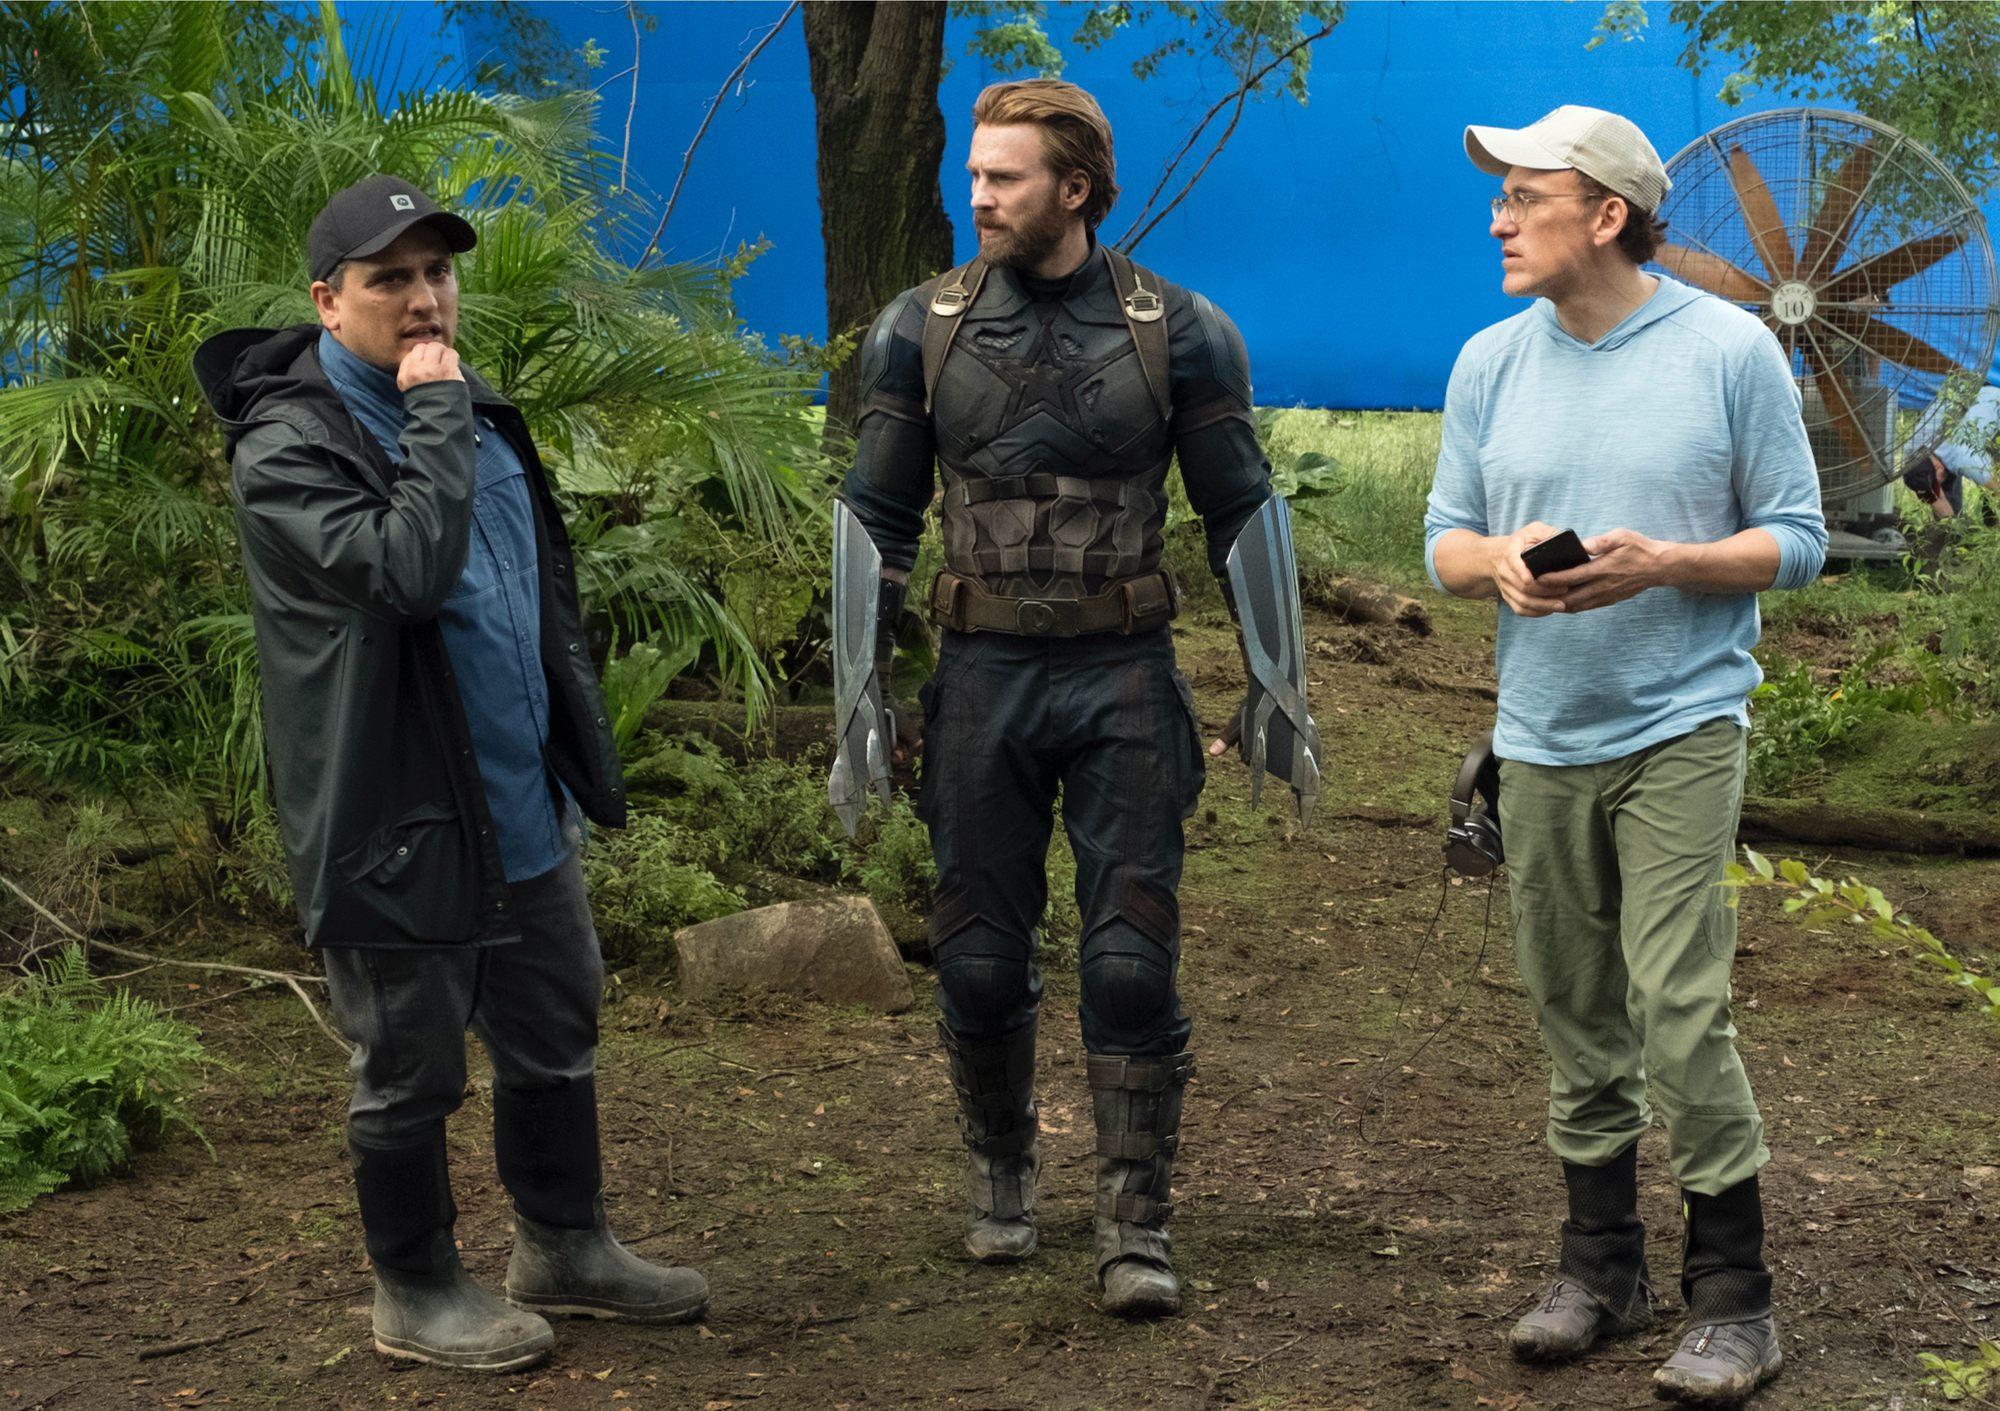 Režiséři Avengers: Endgame očekávají návrat k Marvelu | Fandíme filmu